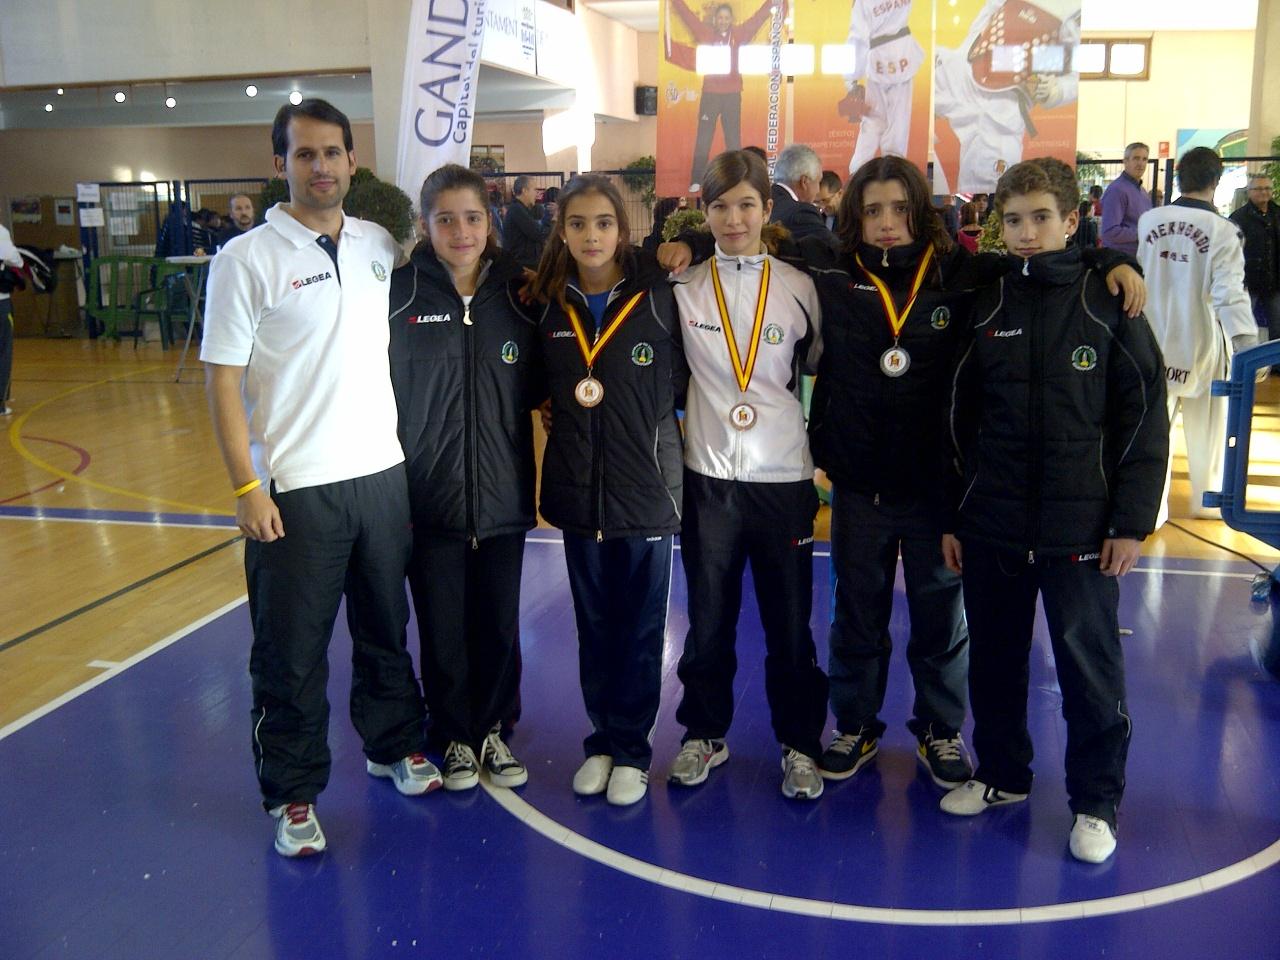 Resultados campeonato de espa a por clubs gimnasio for Gimnasio gandia